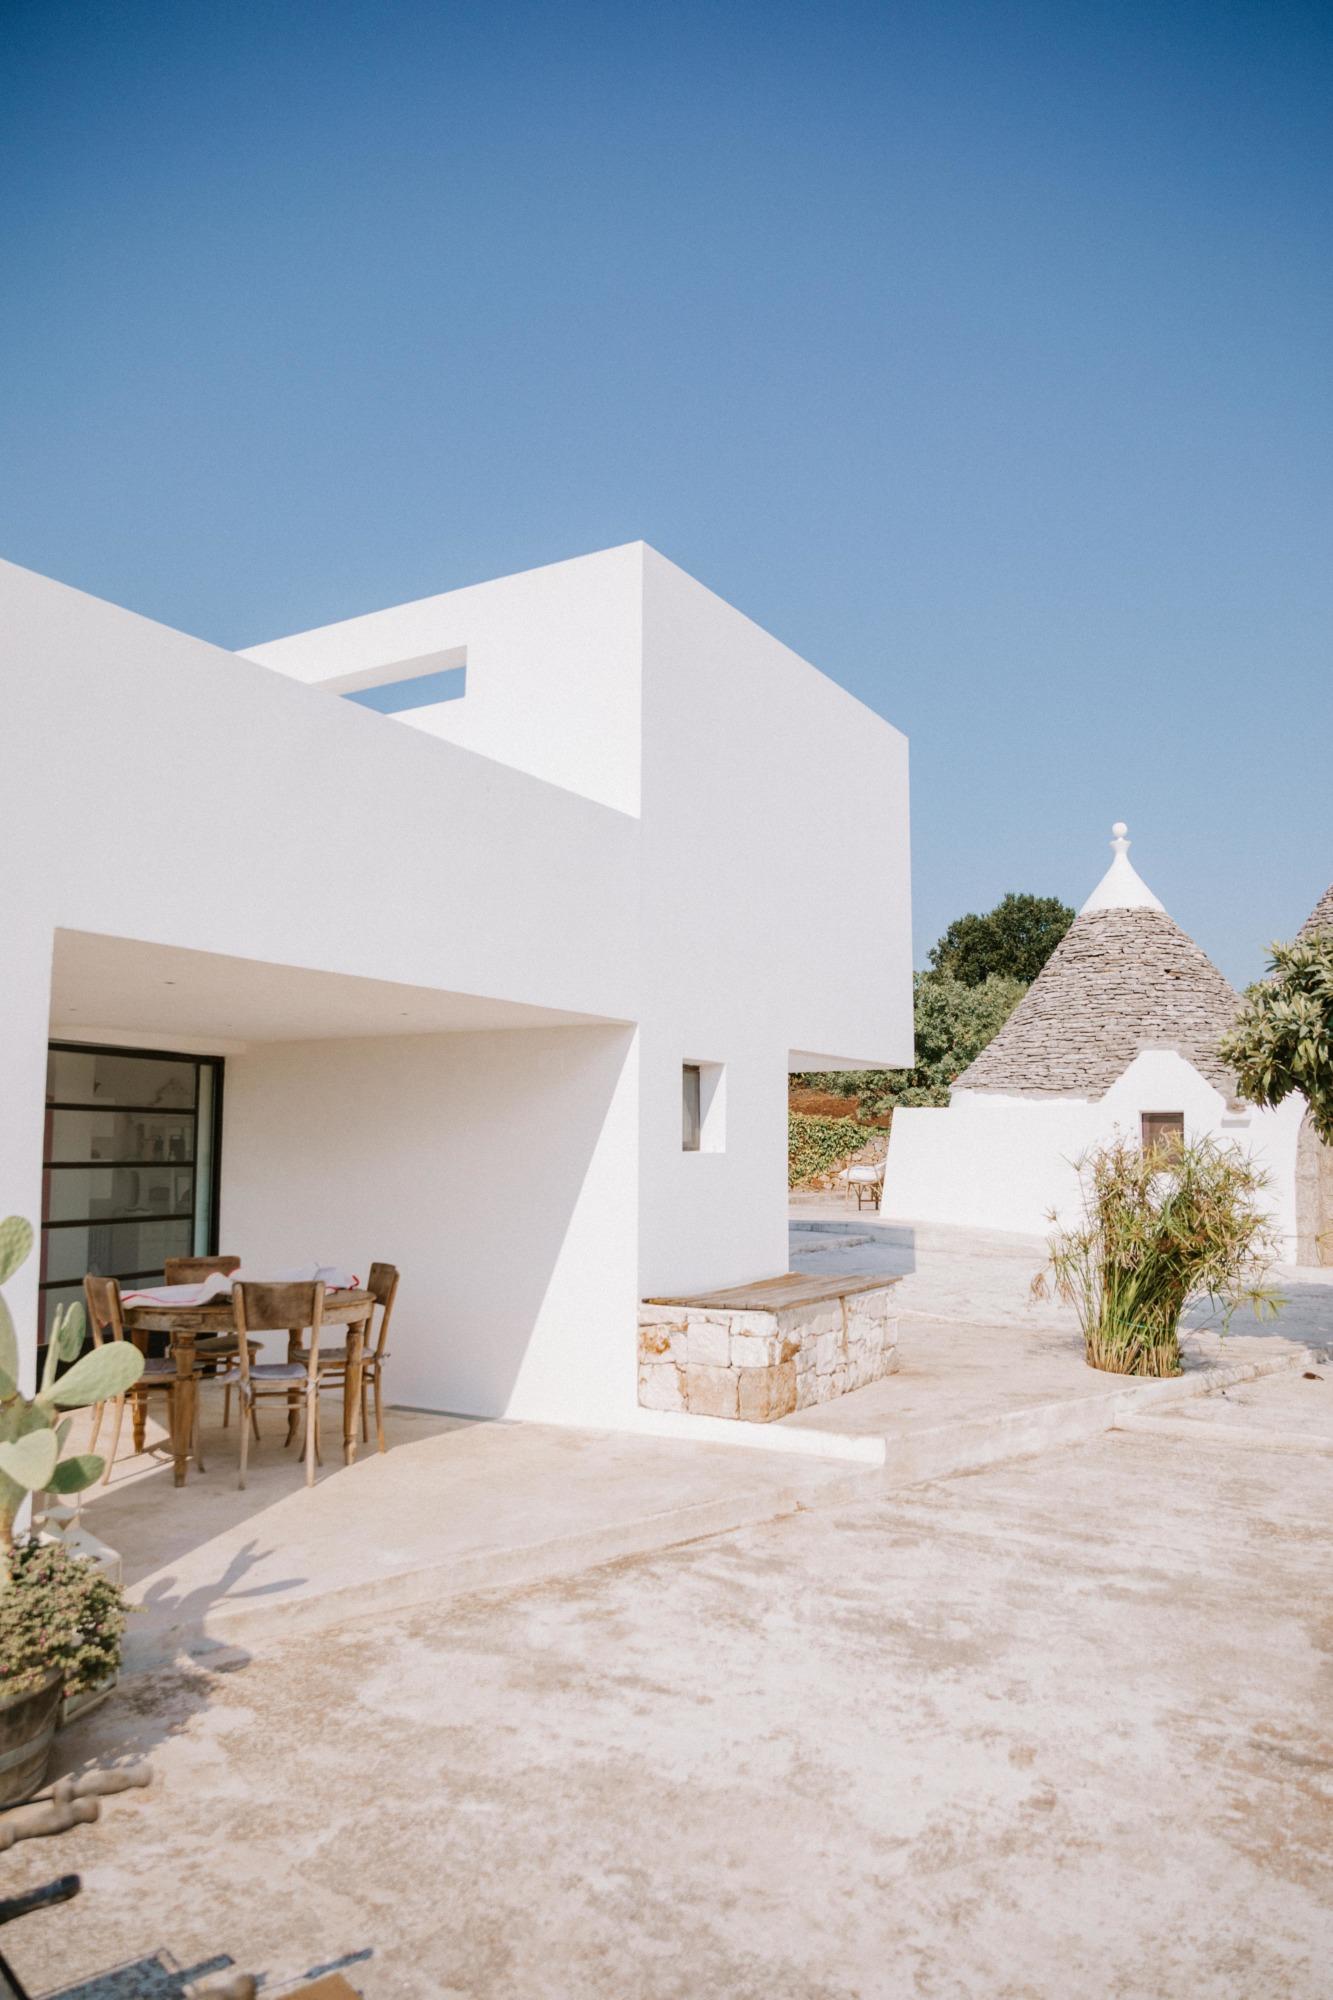 Louer une villa dans les Pouilles - Blondie Baby blog voyages